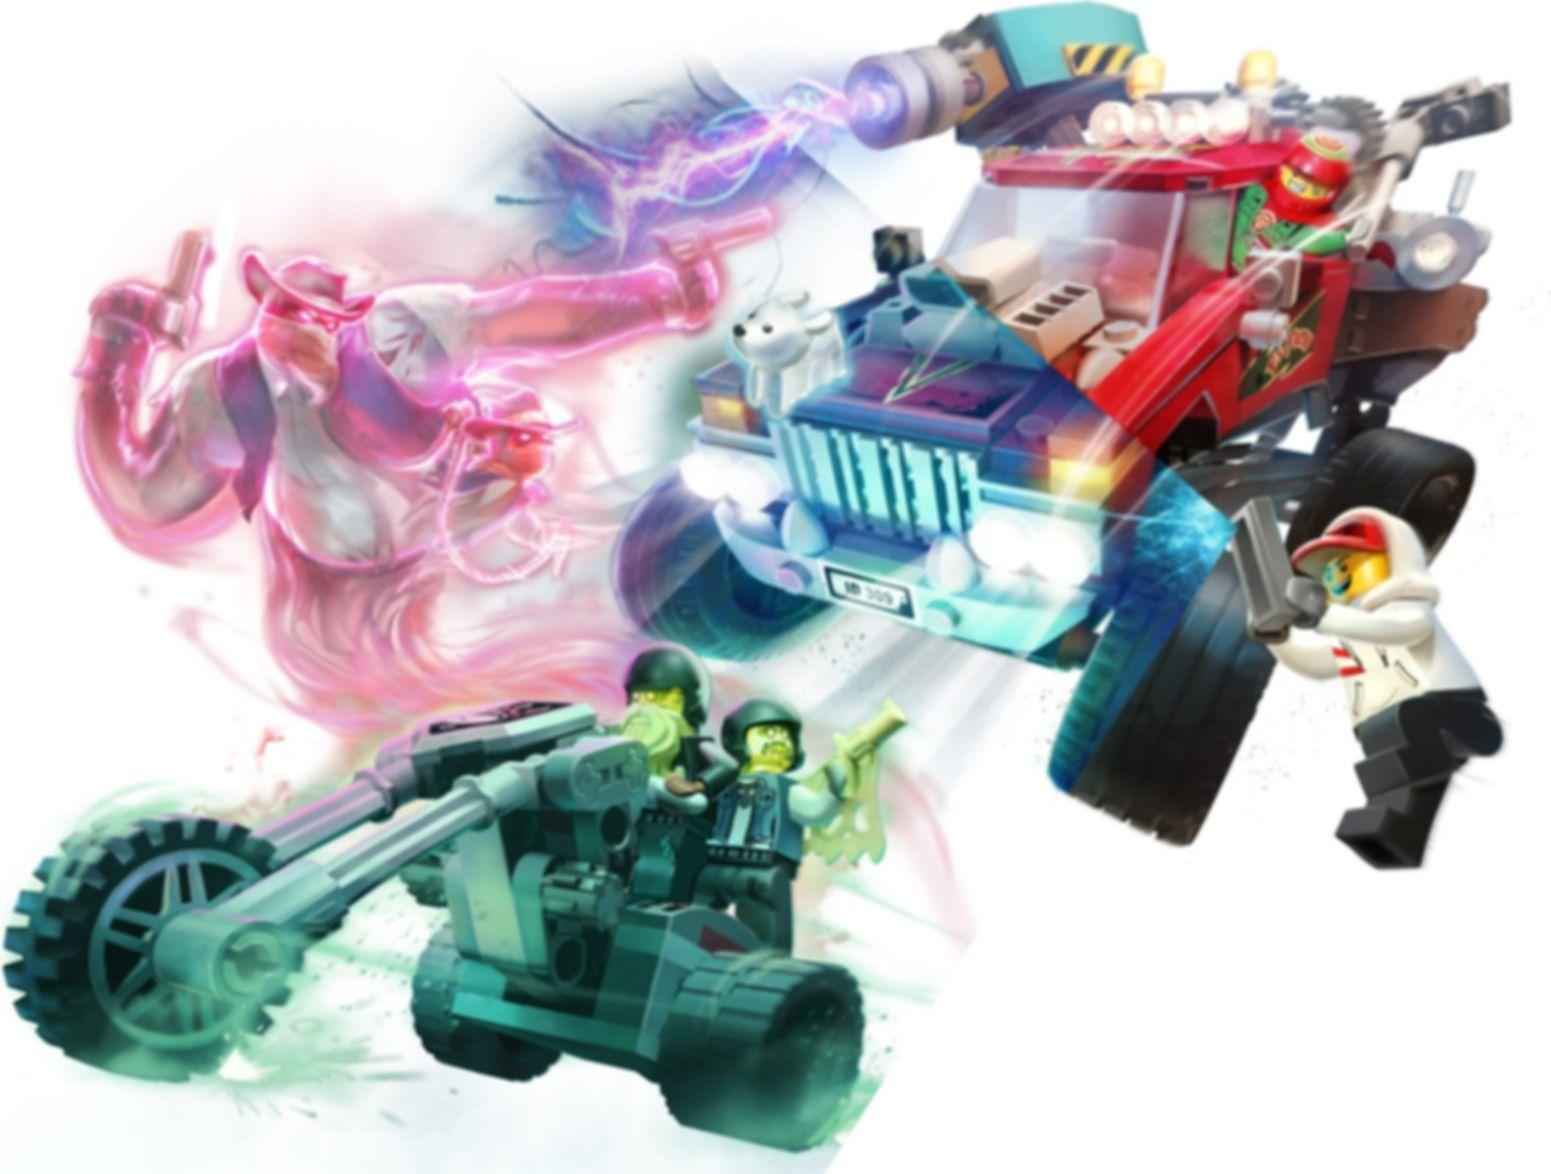 El Fuego's Stunt Truck gameplay